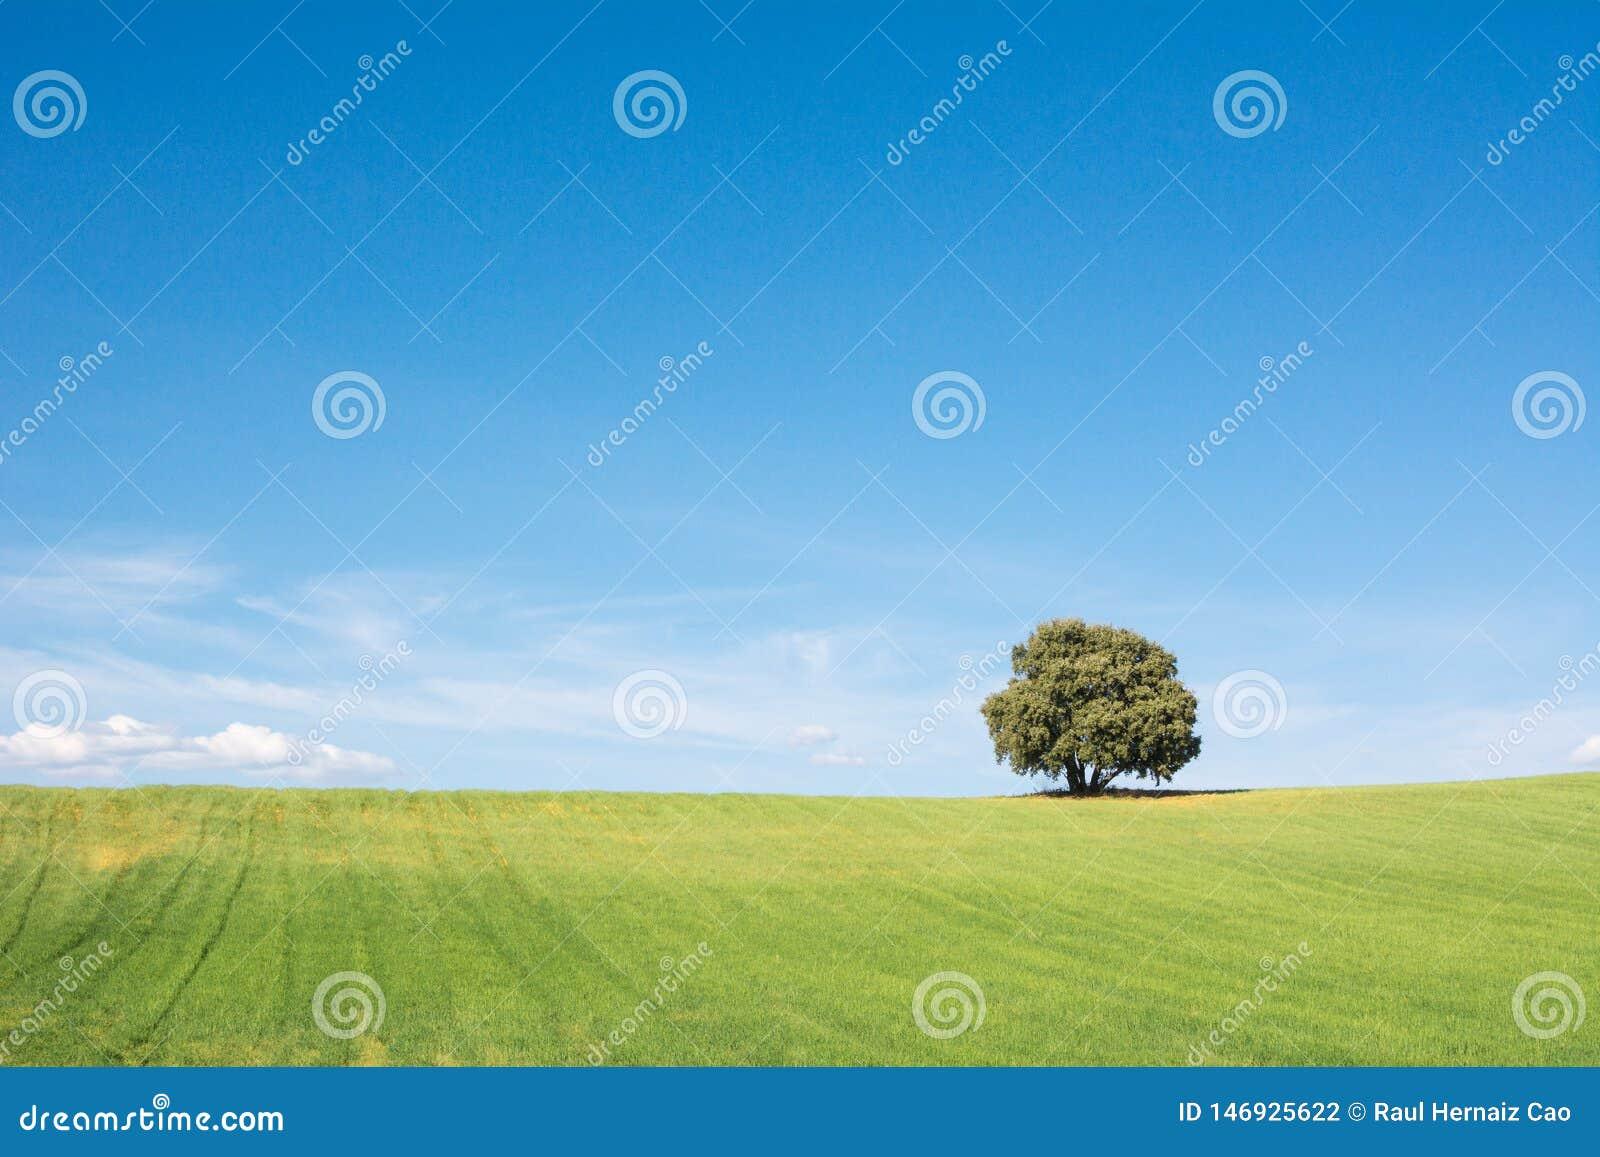 Drzewo odizolowywający na zielonym polu, pod czystym niebieskim niebem